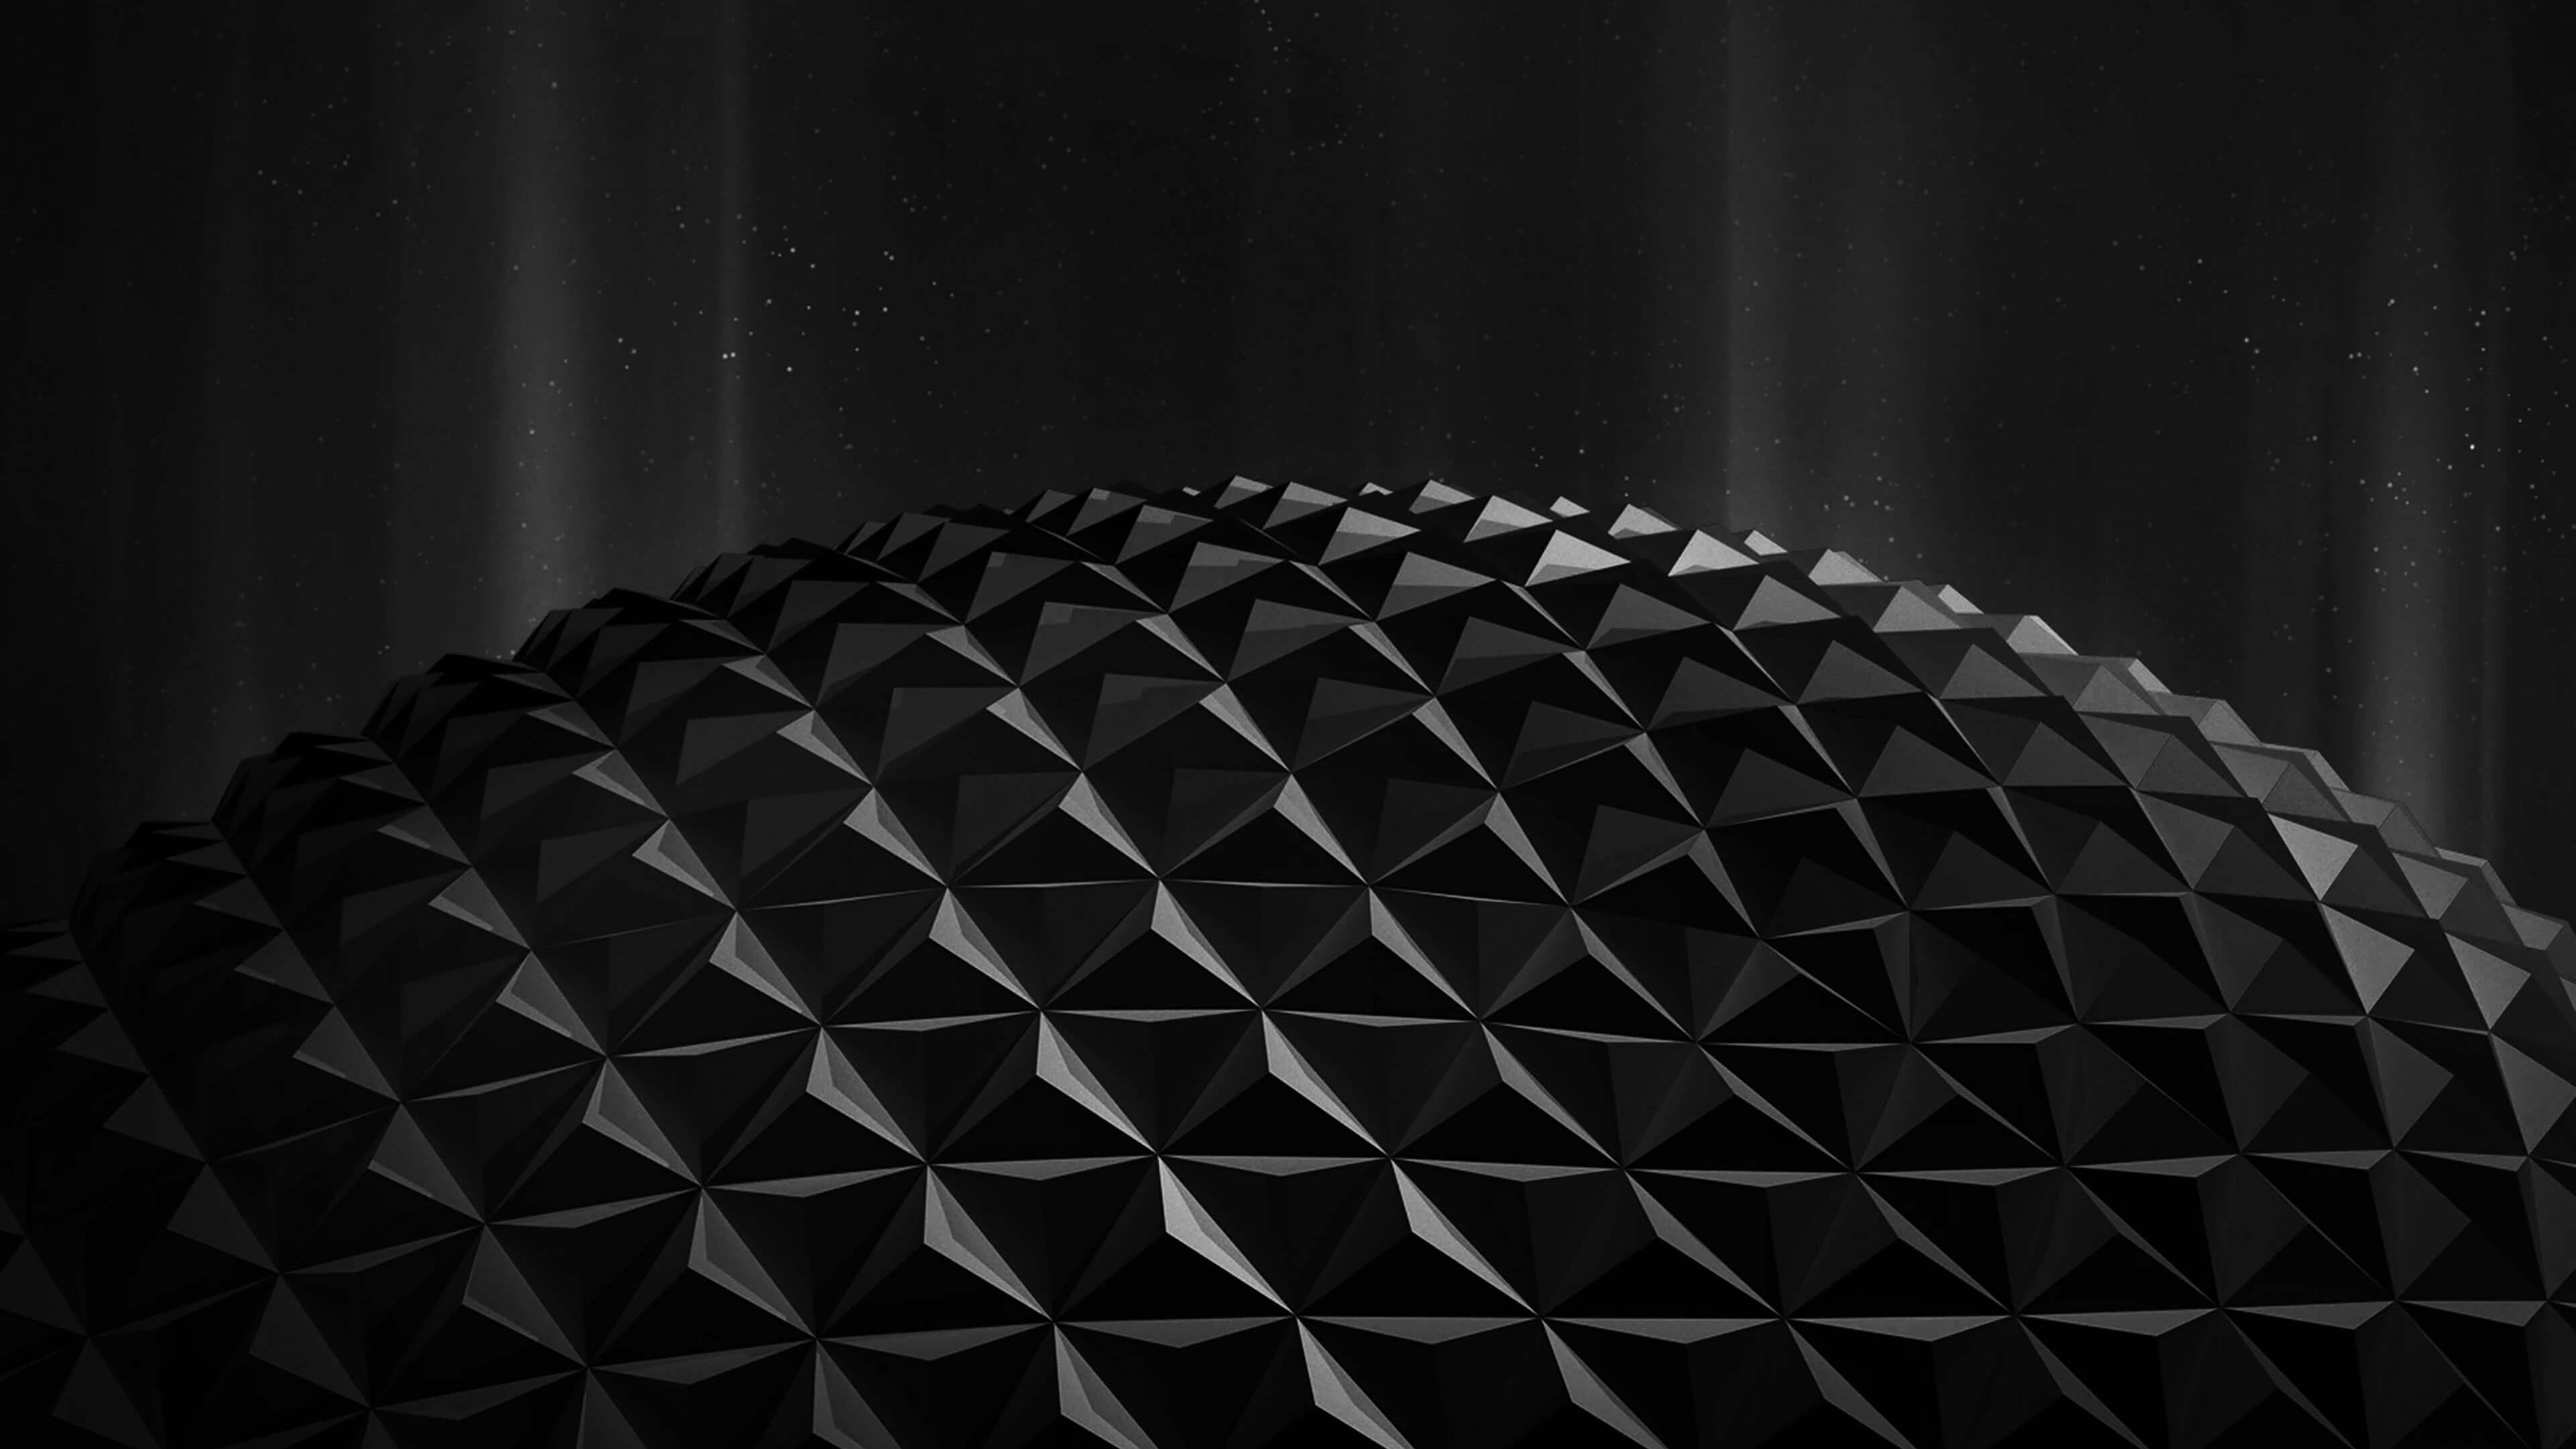 Black Polygon Planet 4K wallpaper